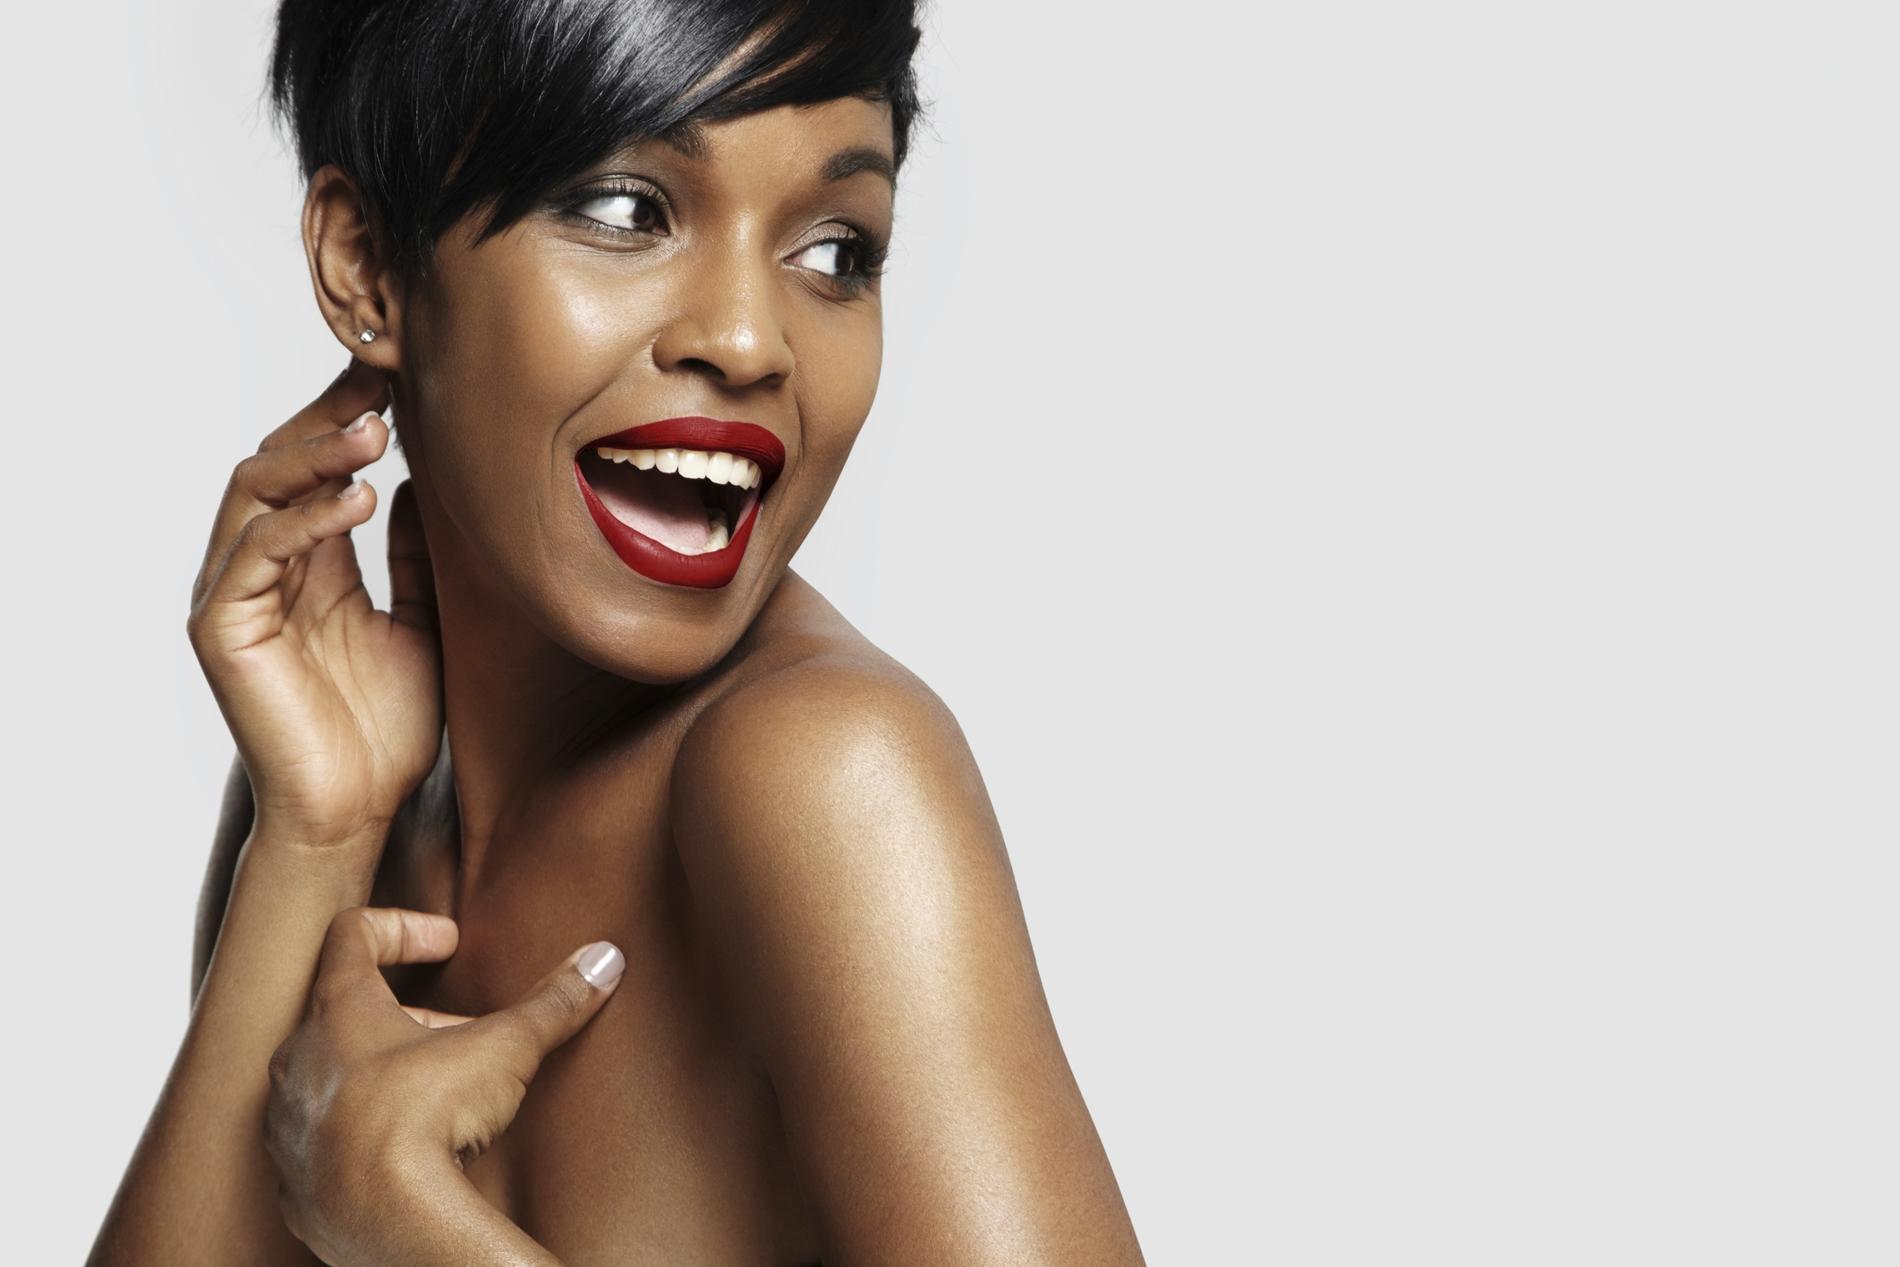 Quel maquillage pour mettre en valeur les peaux noires   - Madame Figaro c9b1e3a45b2c